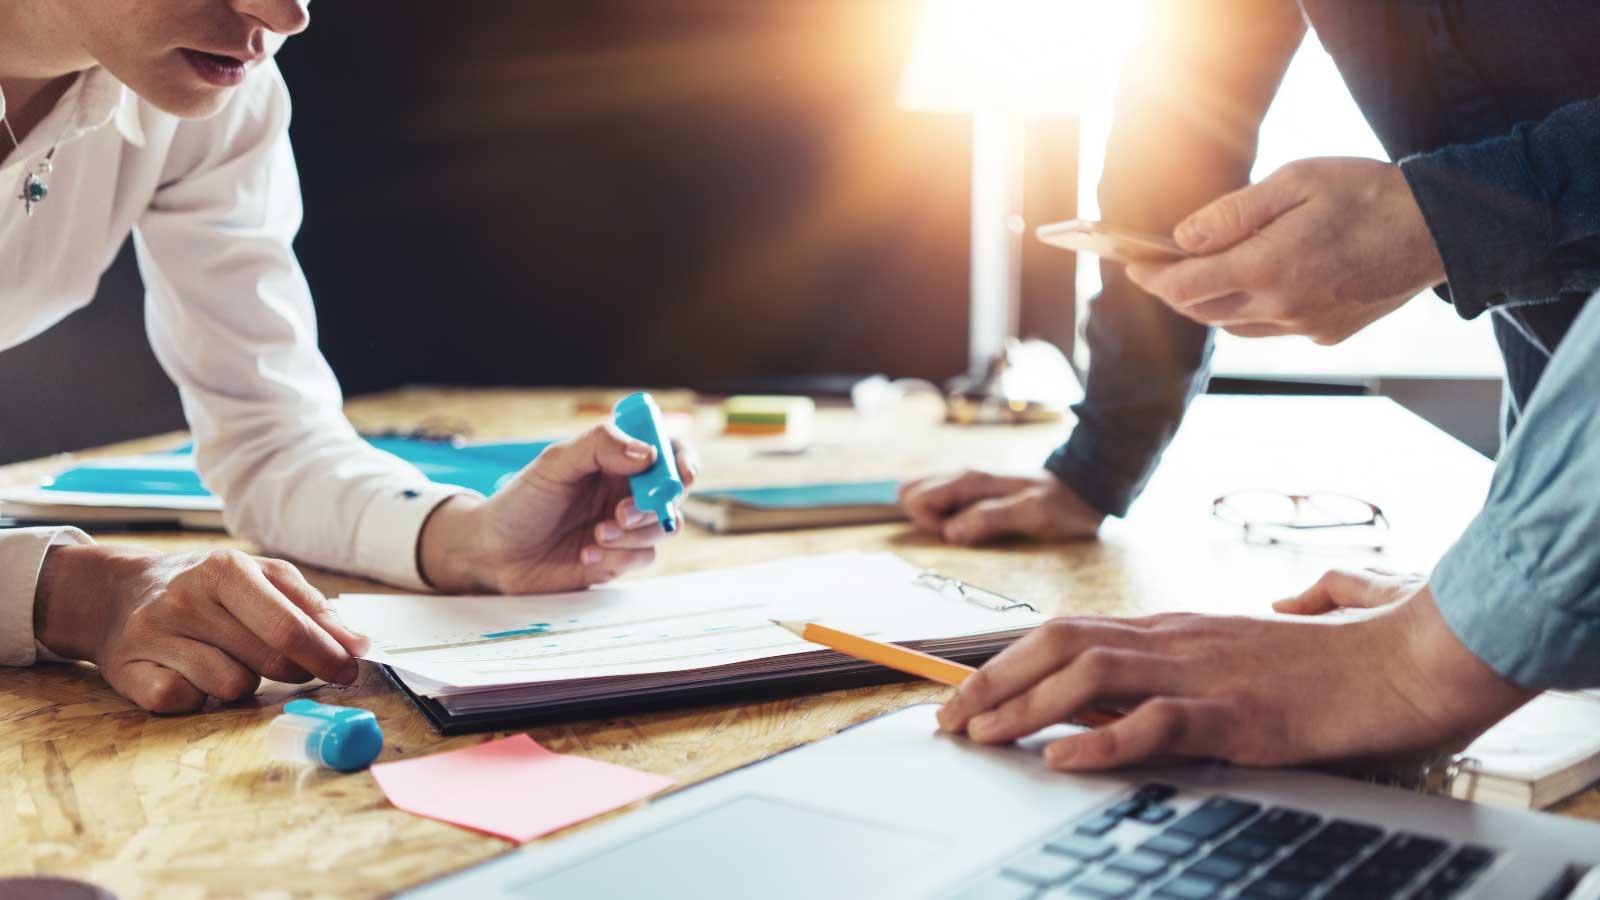 Messbares Erfolgskonzept: Positive Employee Experience für nachhaltige Ergebnisse